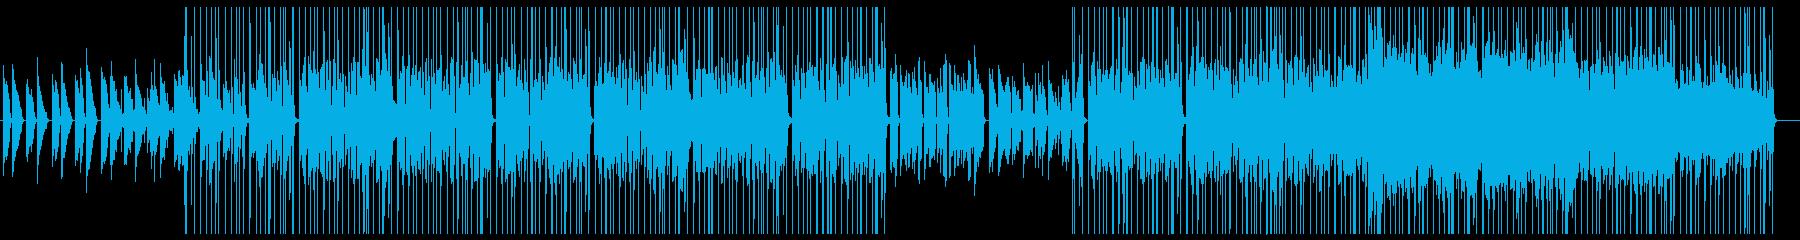 まったり、とろい、音少ない、高域ないの再生済みの波形